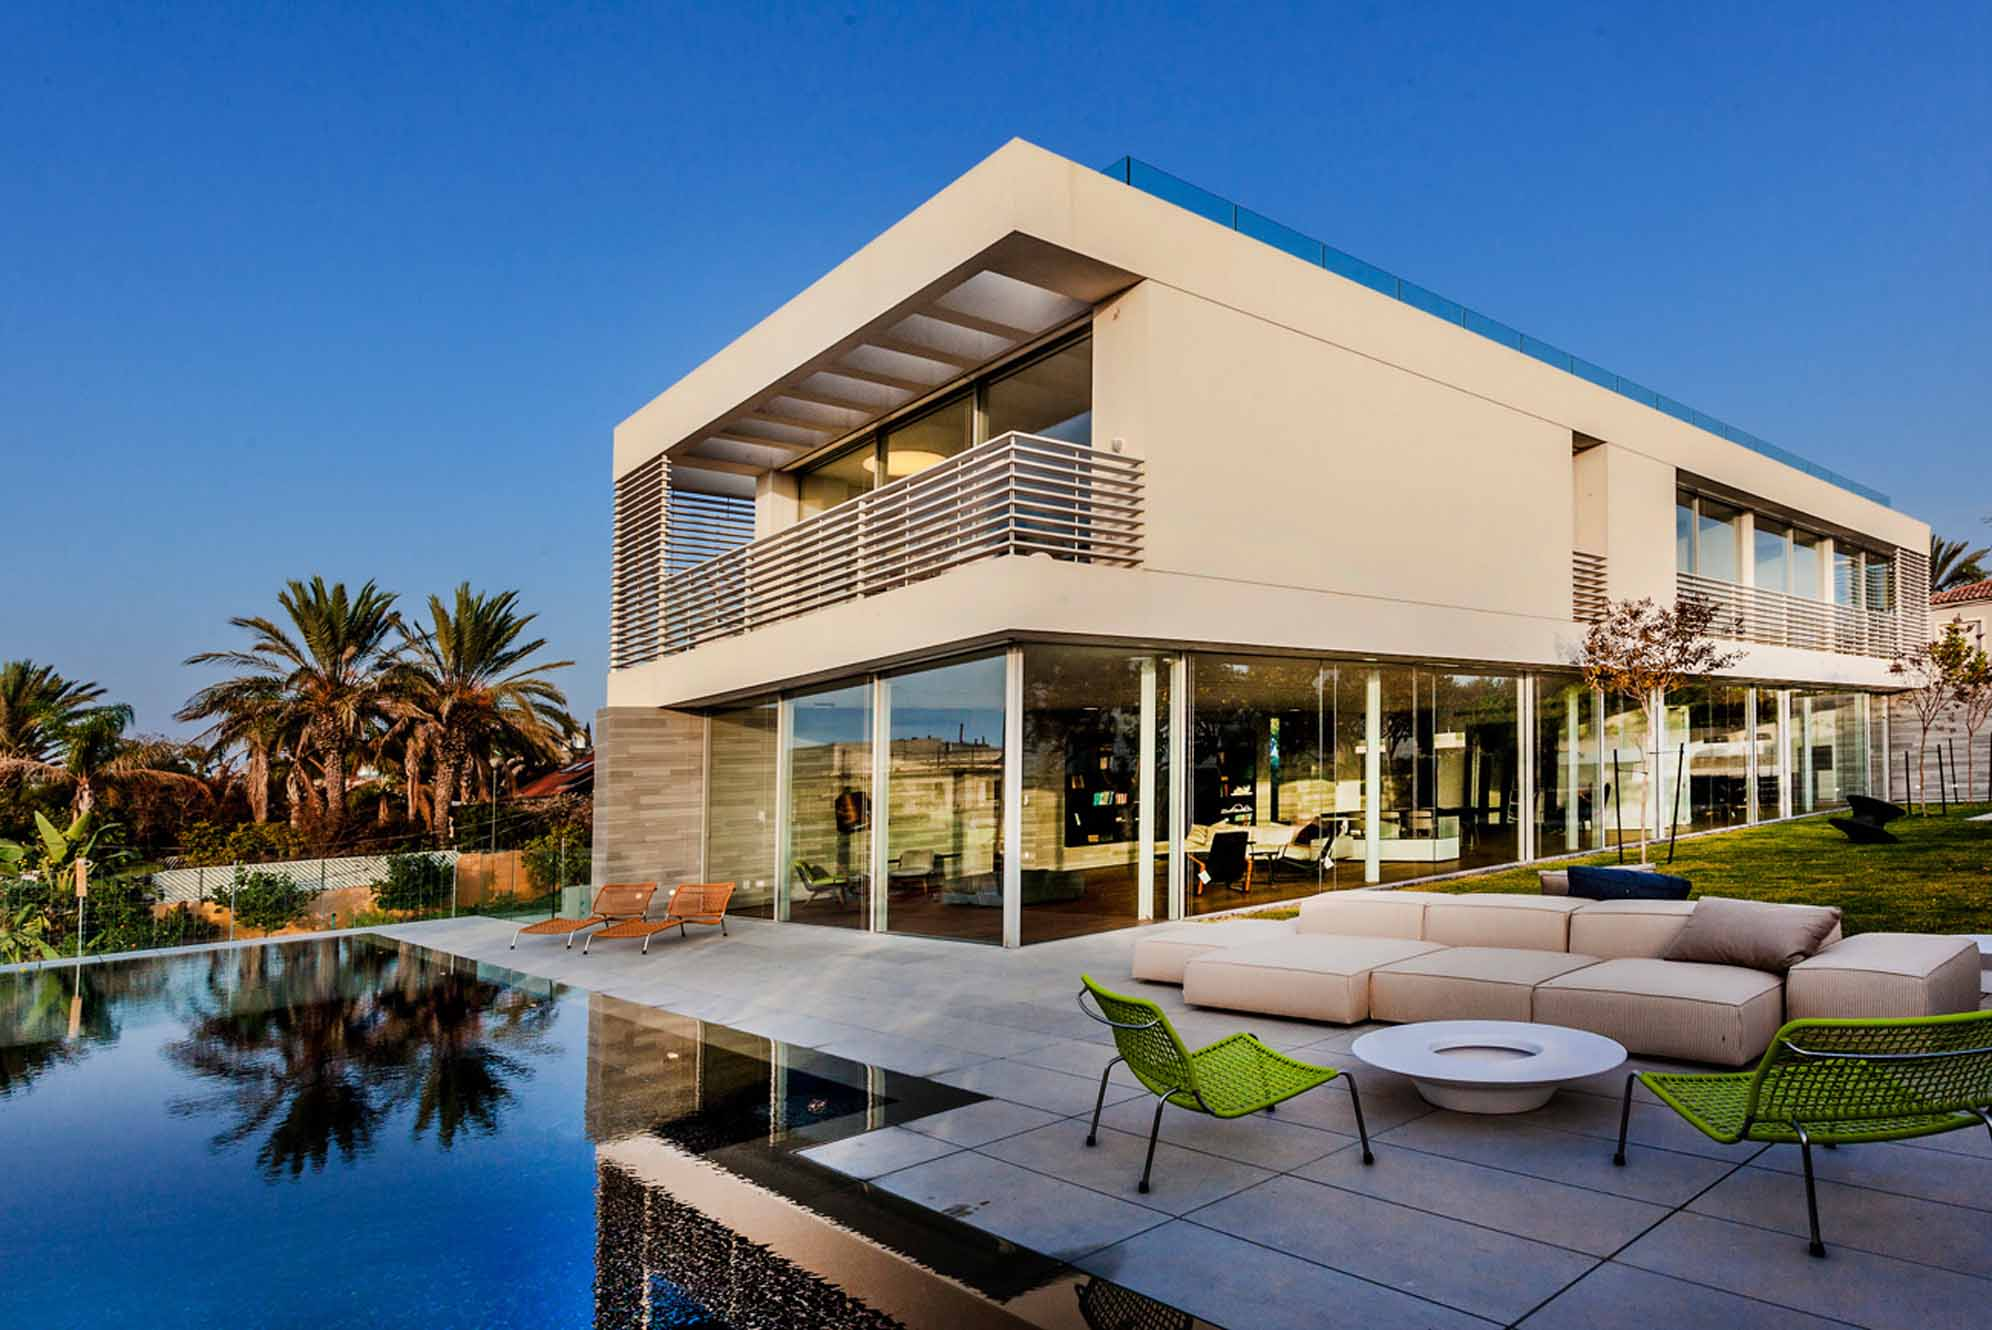 단독 가정 주택 용 매매 에 Contemporary Modern Villa in Herzila Pituah 4664705 이스라엘